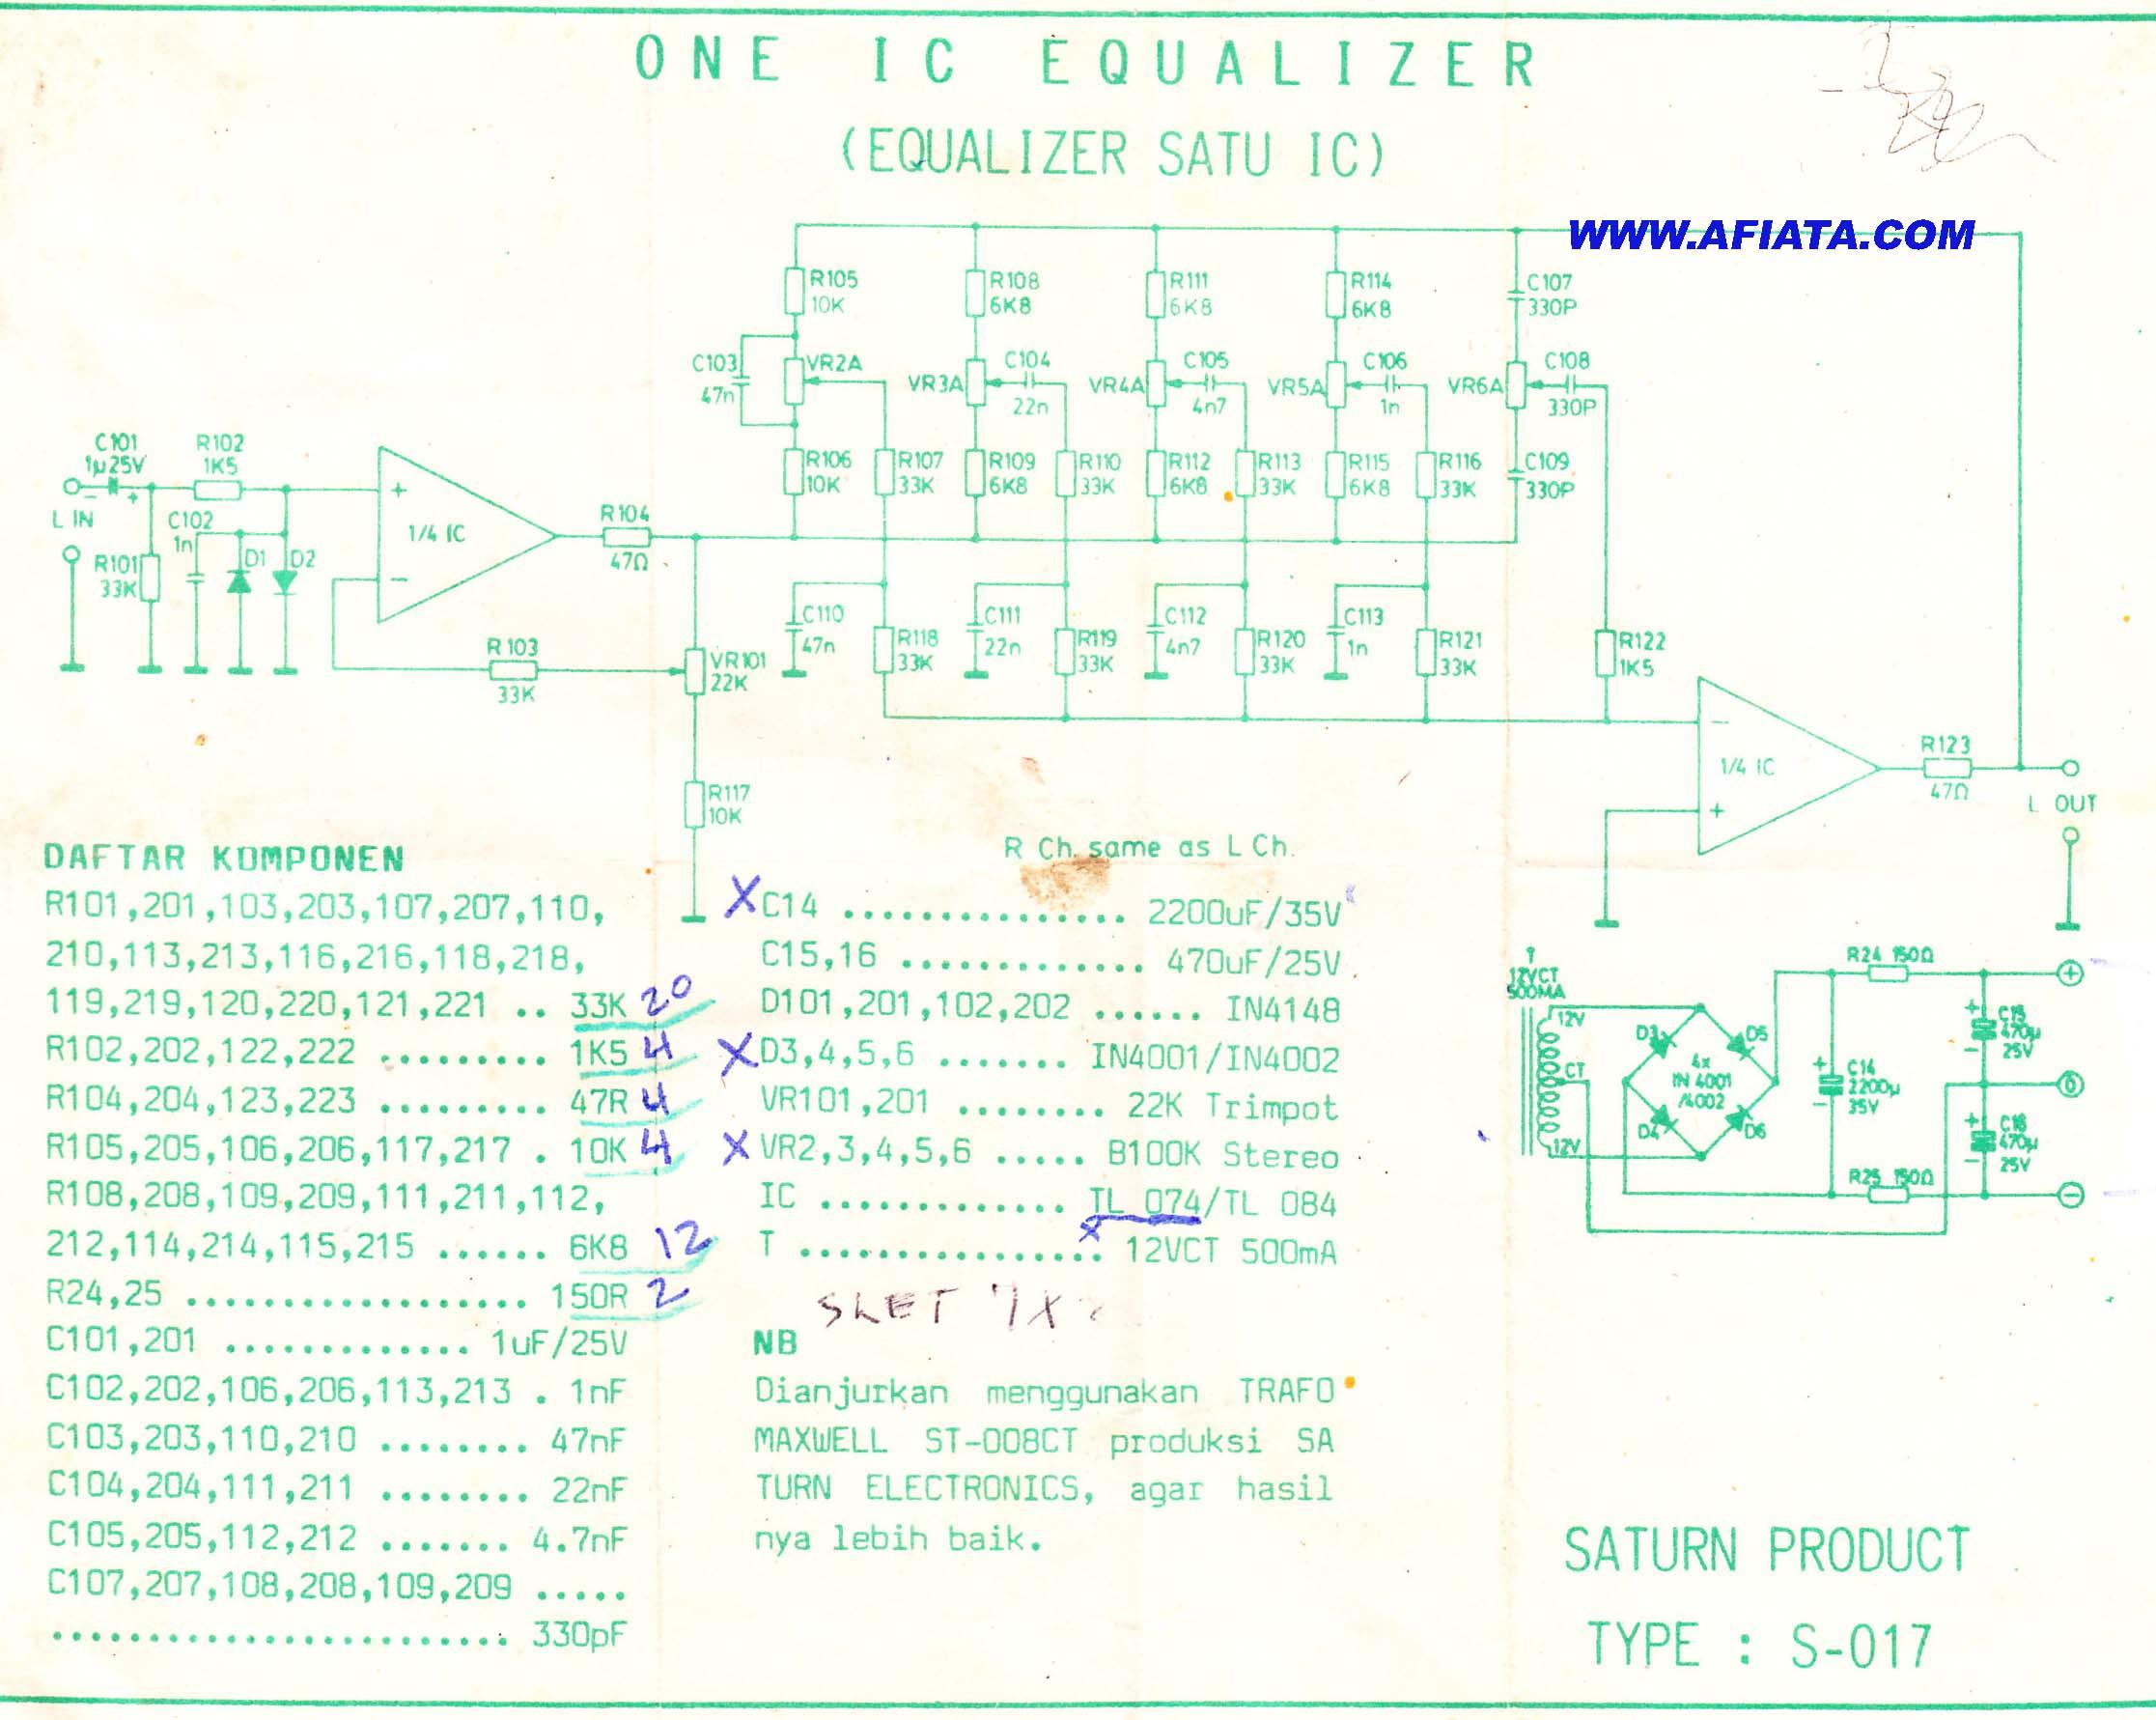 Audio Processor Circuit Diagram Manual Guide Wiring Simple Cpu Diagrams Images Gallery